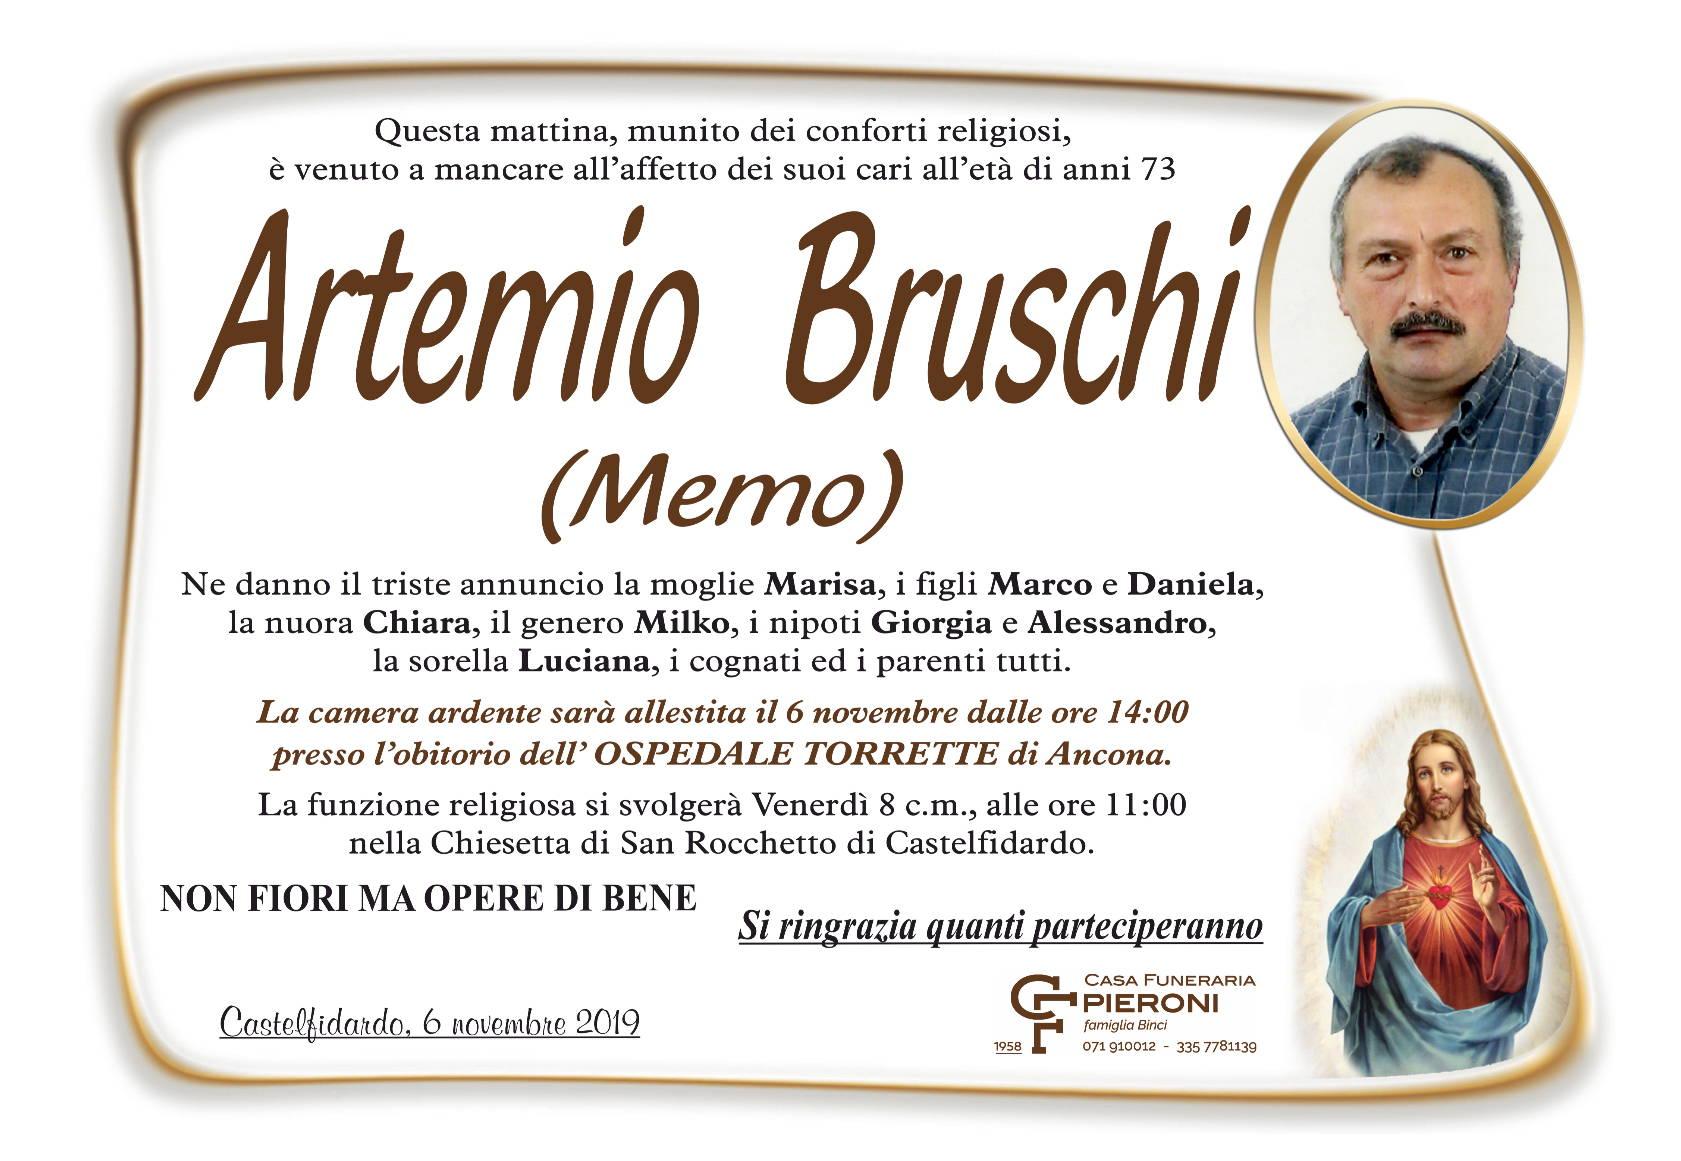 Artemio Bruschi